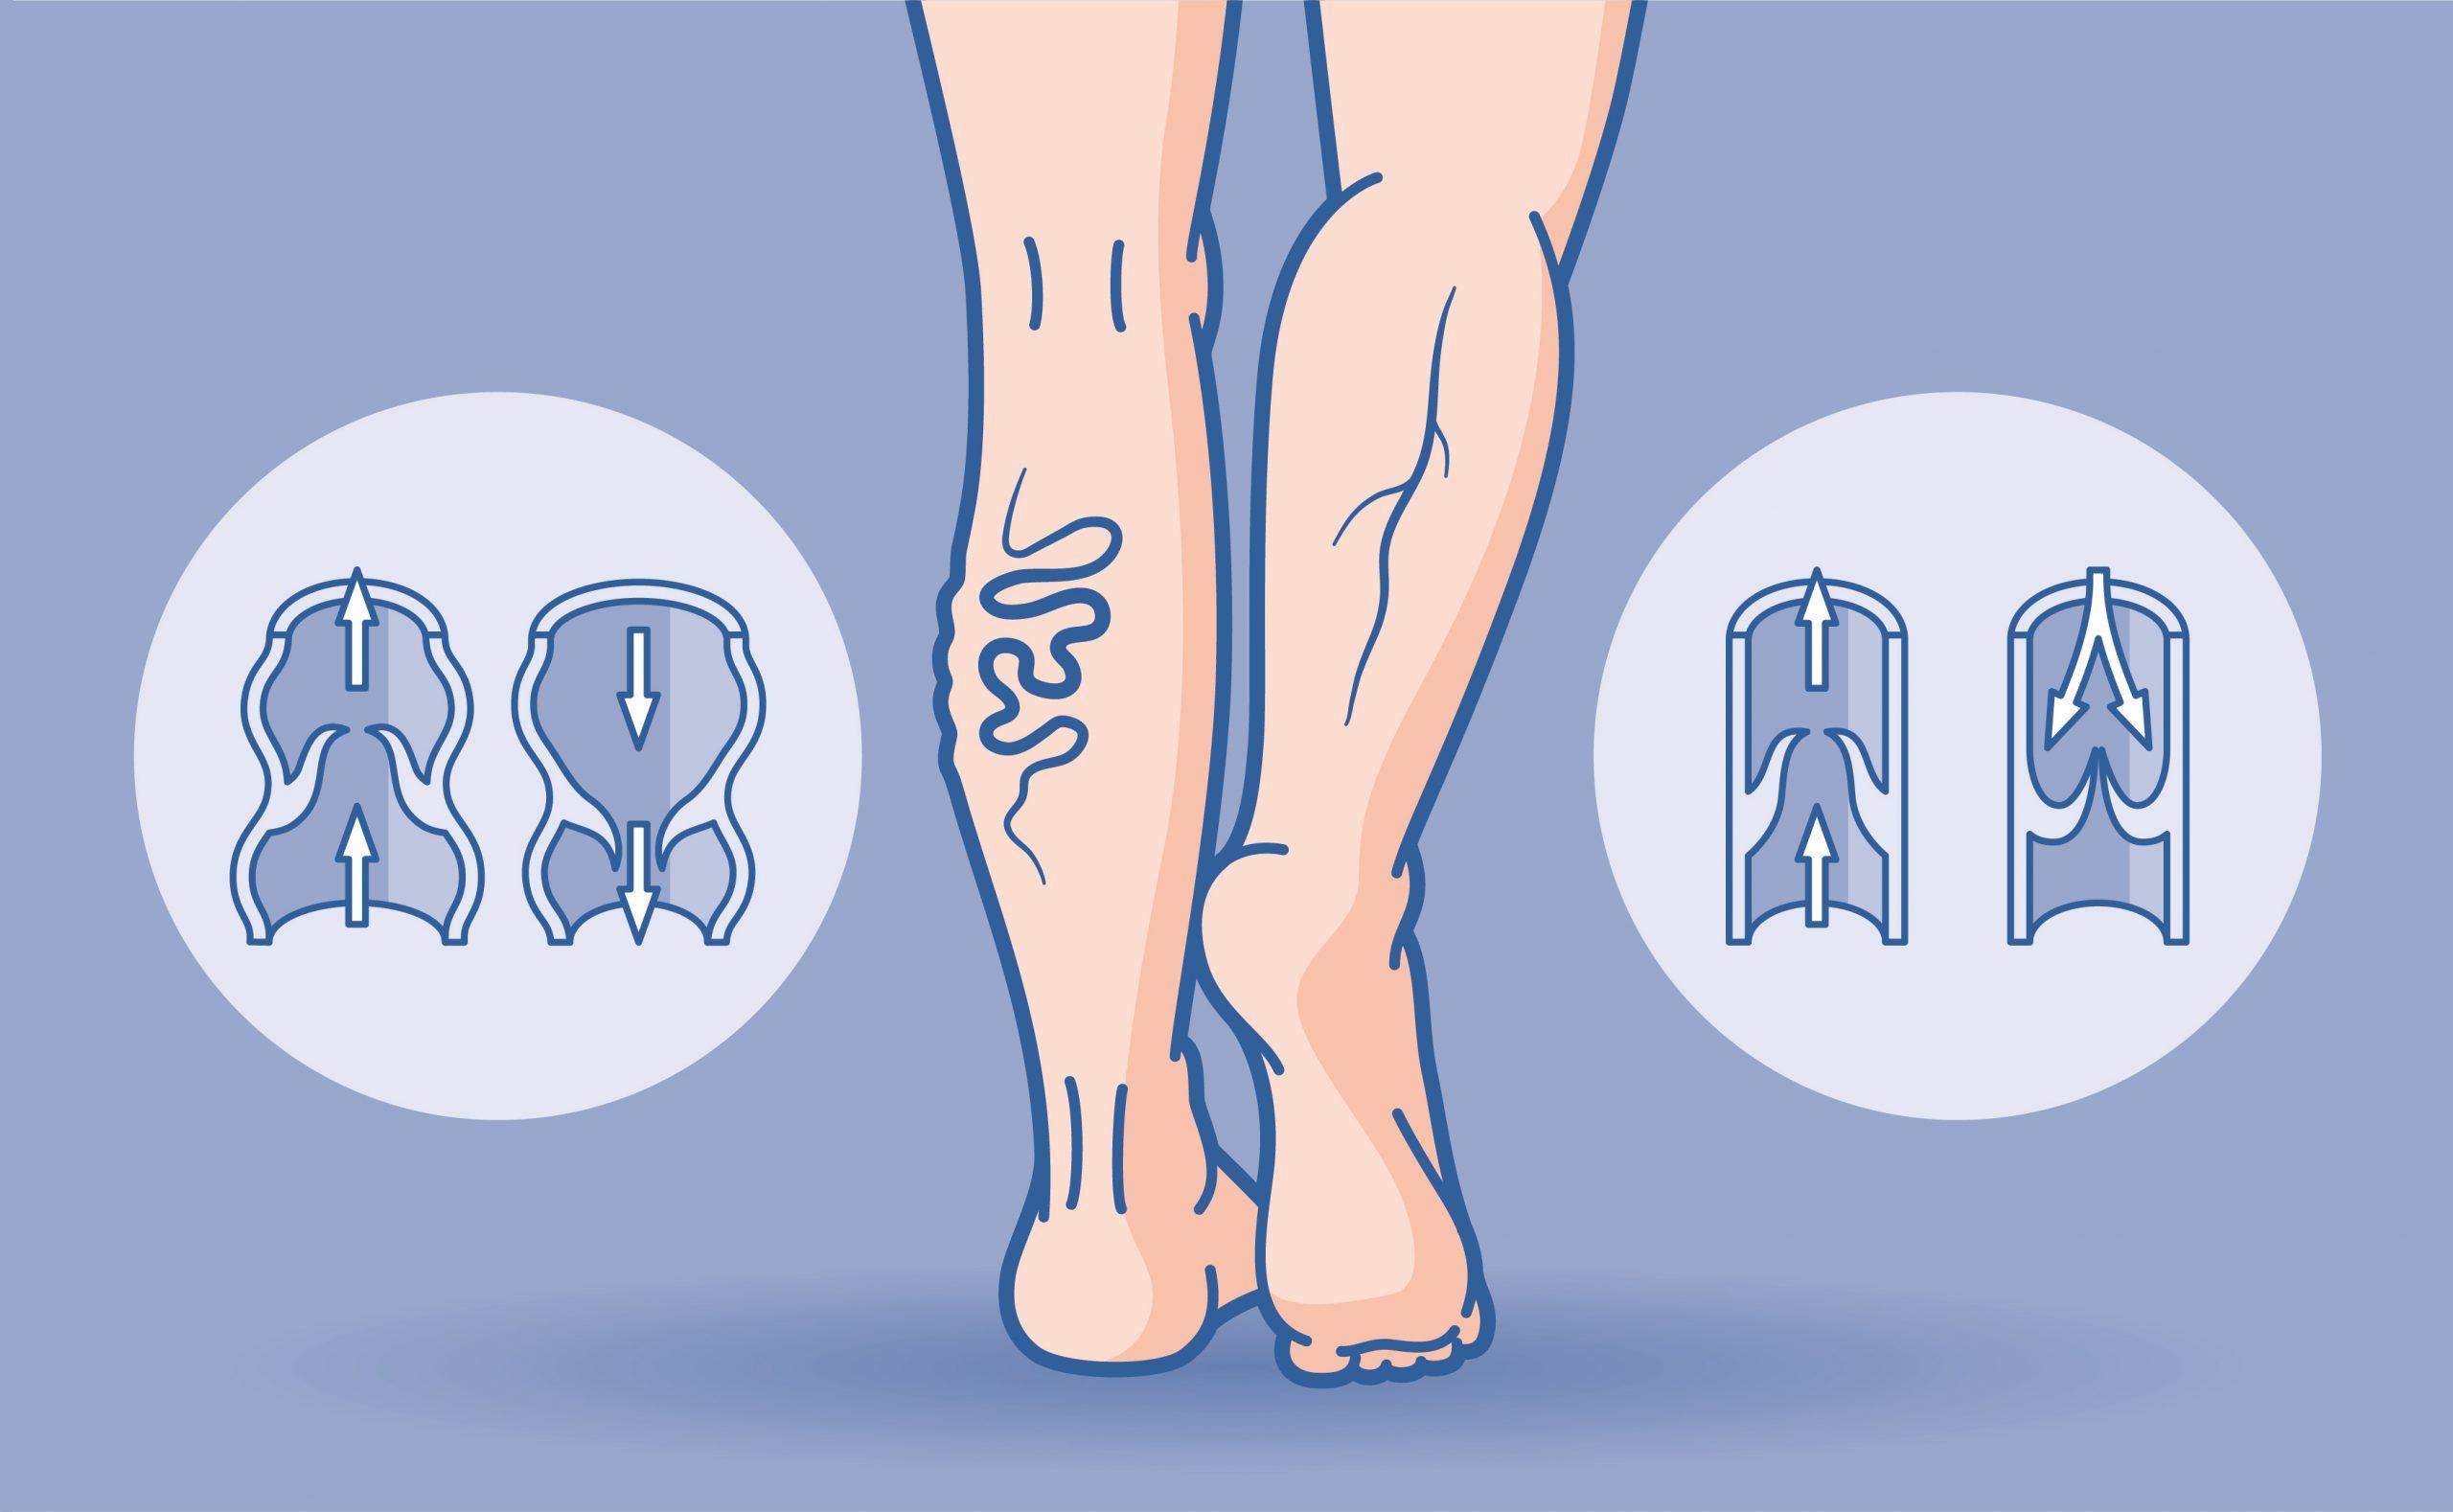 Wer bekommt Krampfadern? Die Illustration zeigt einen Gegenüberstellung eines gesundes und eines kranken Beines mit Krampfadern. Medizinische Illustration: Jan Langela (www.janlangela.de)